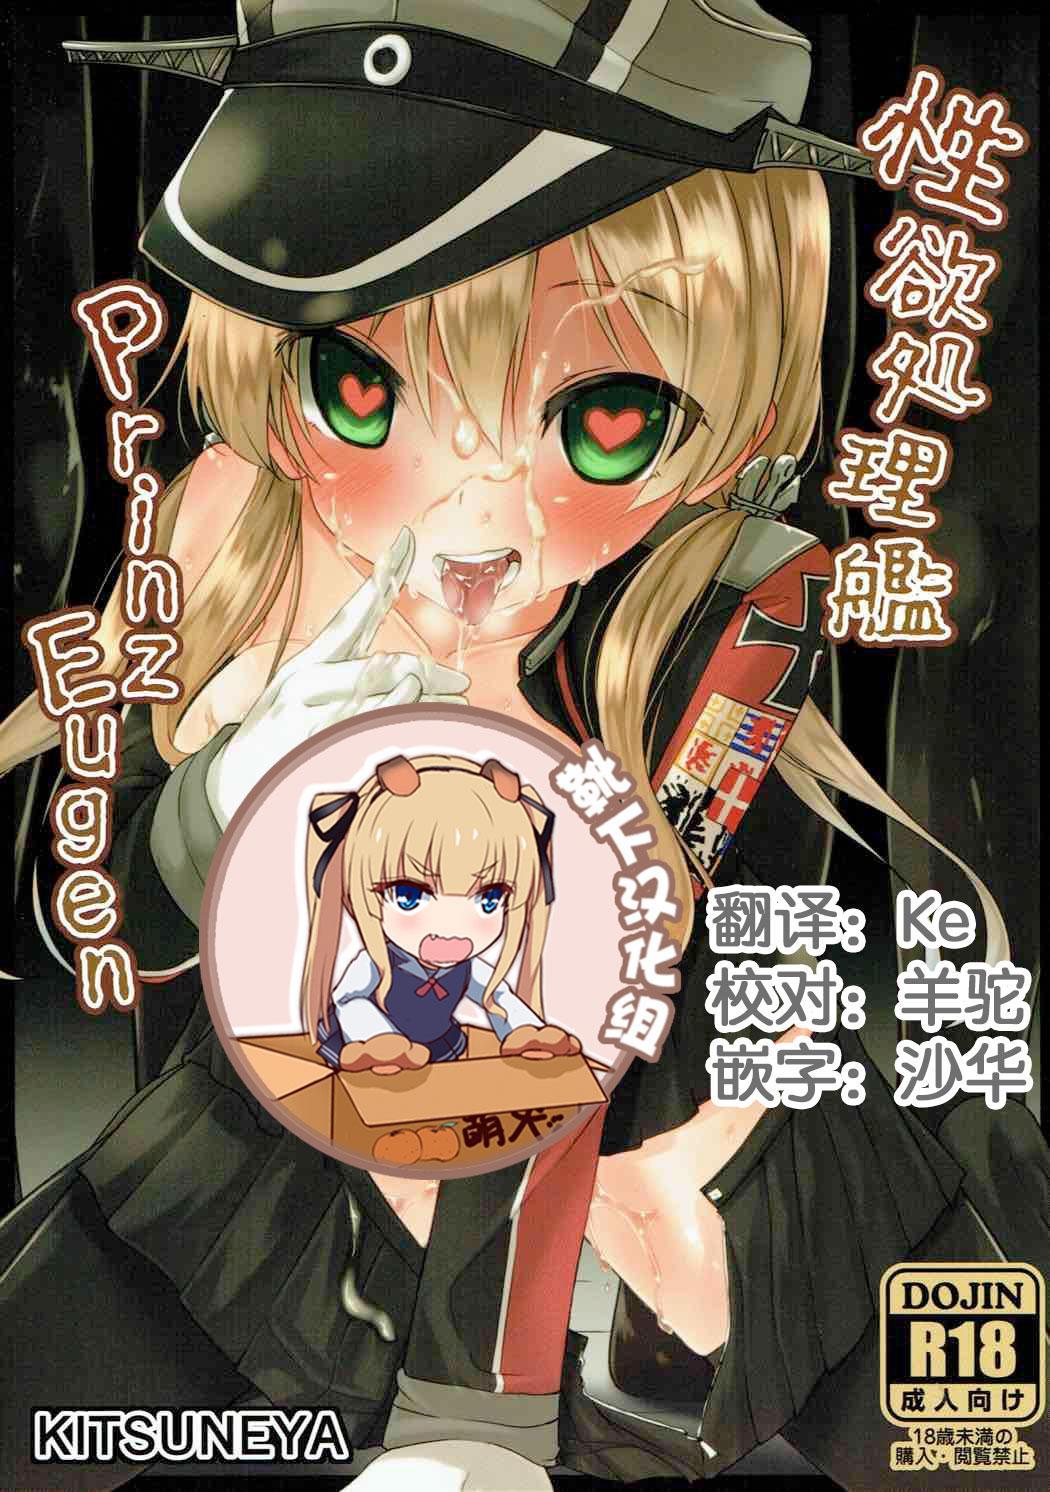 Seiyoku Shorikan Prinz Eugen 0